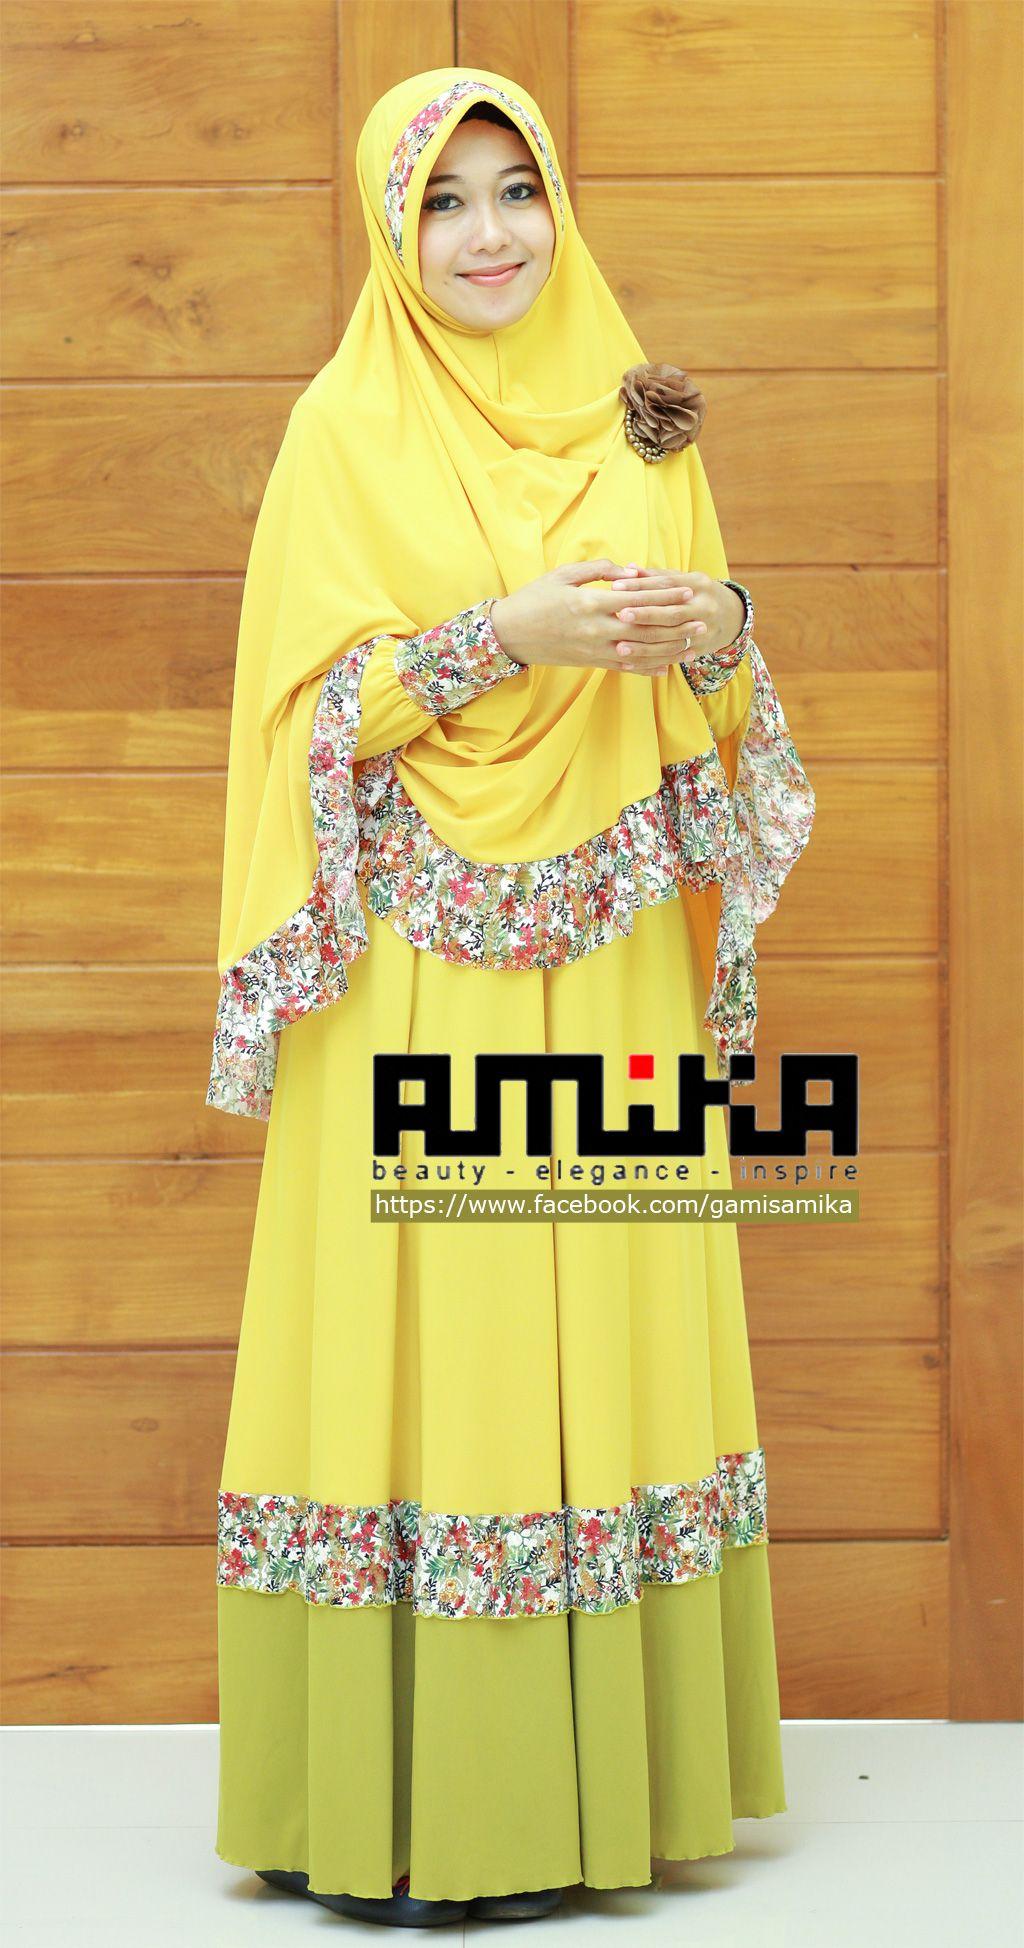 Seri gamis baru dari gamisamika yang segar dan penuh warna kamila series